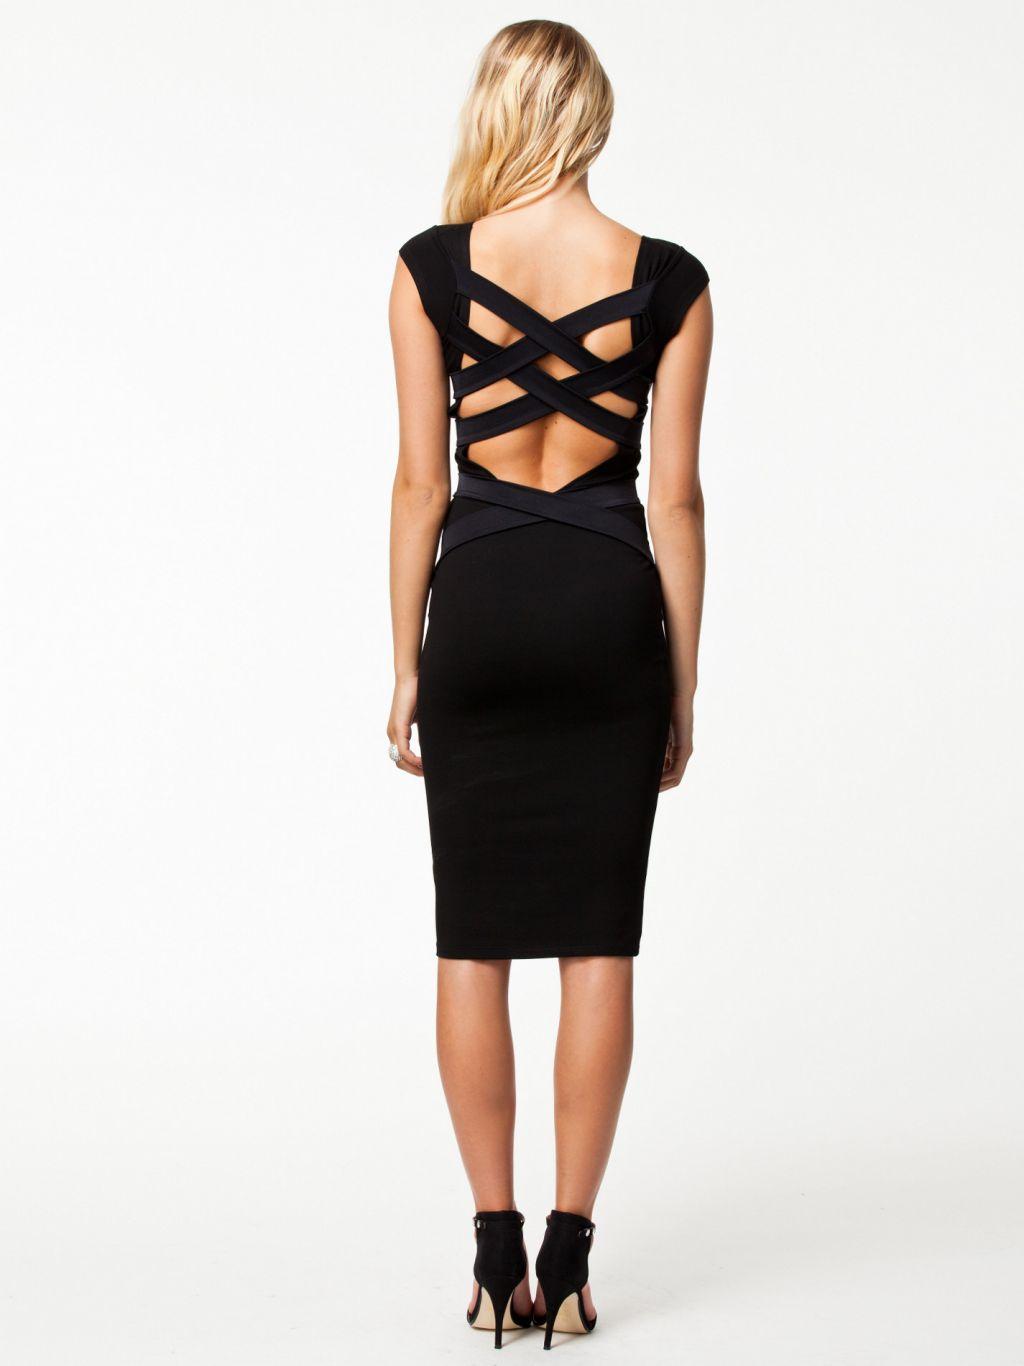 Elegante vestido negro con espalda cruzada azul